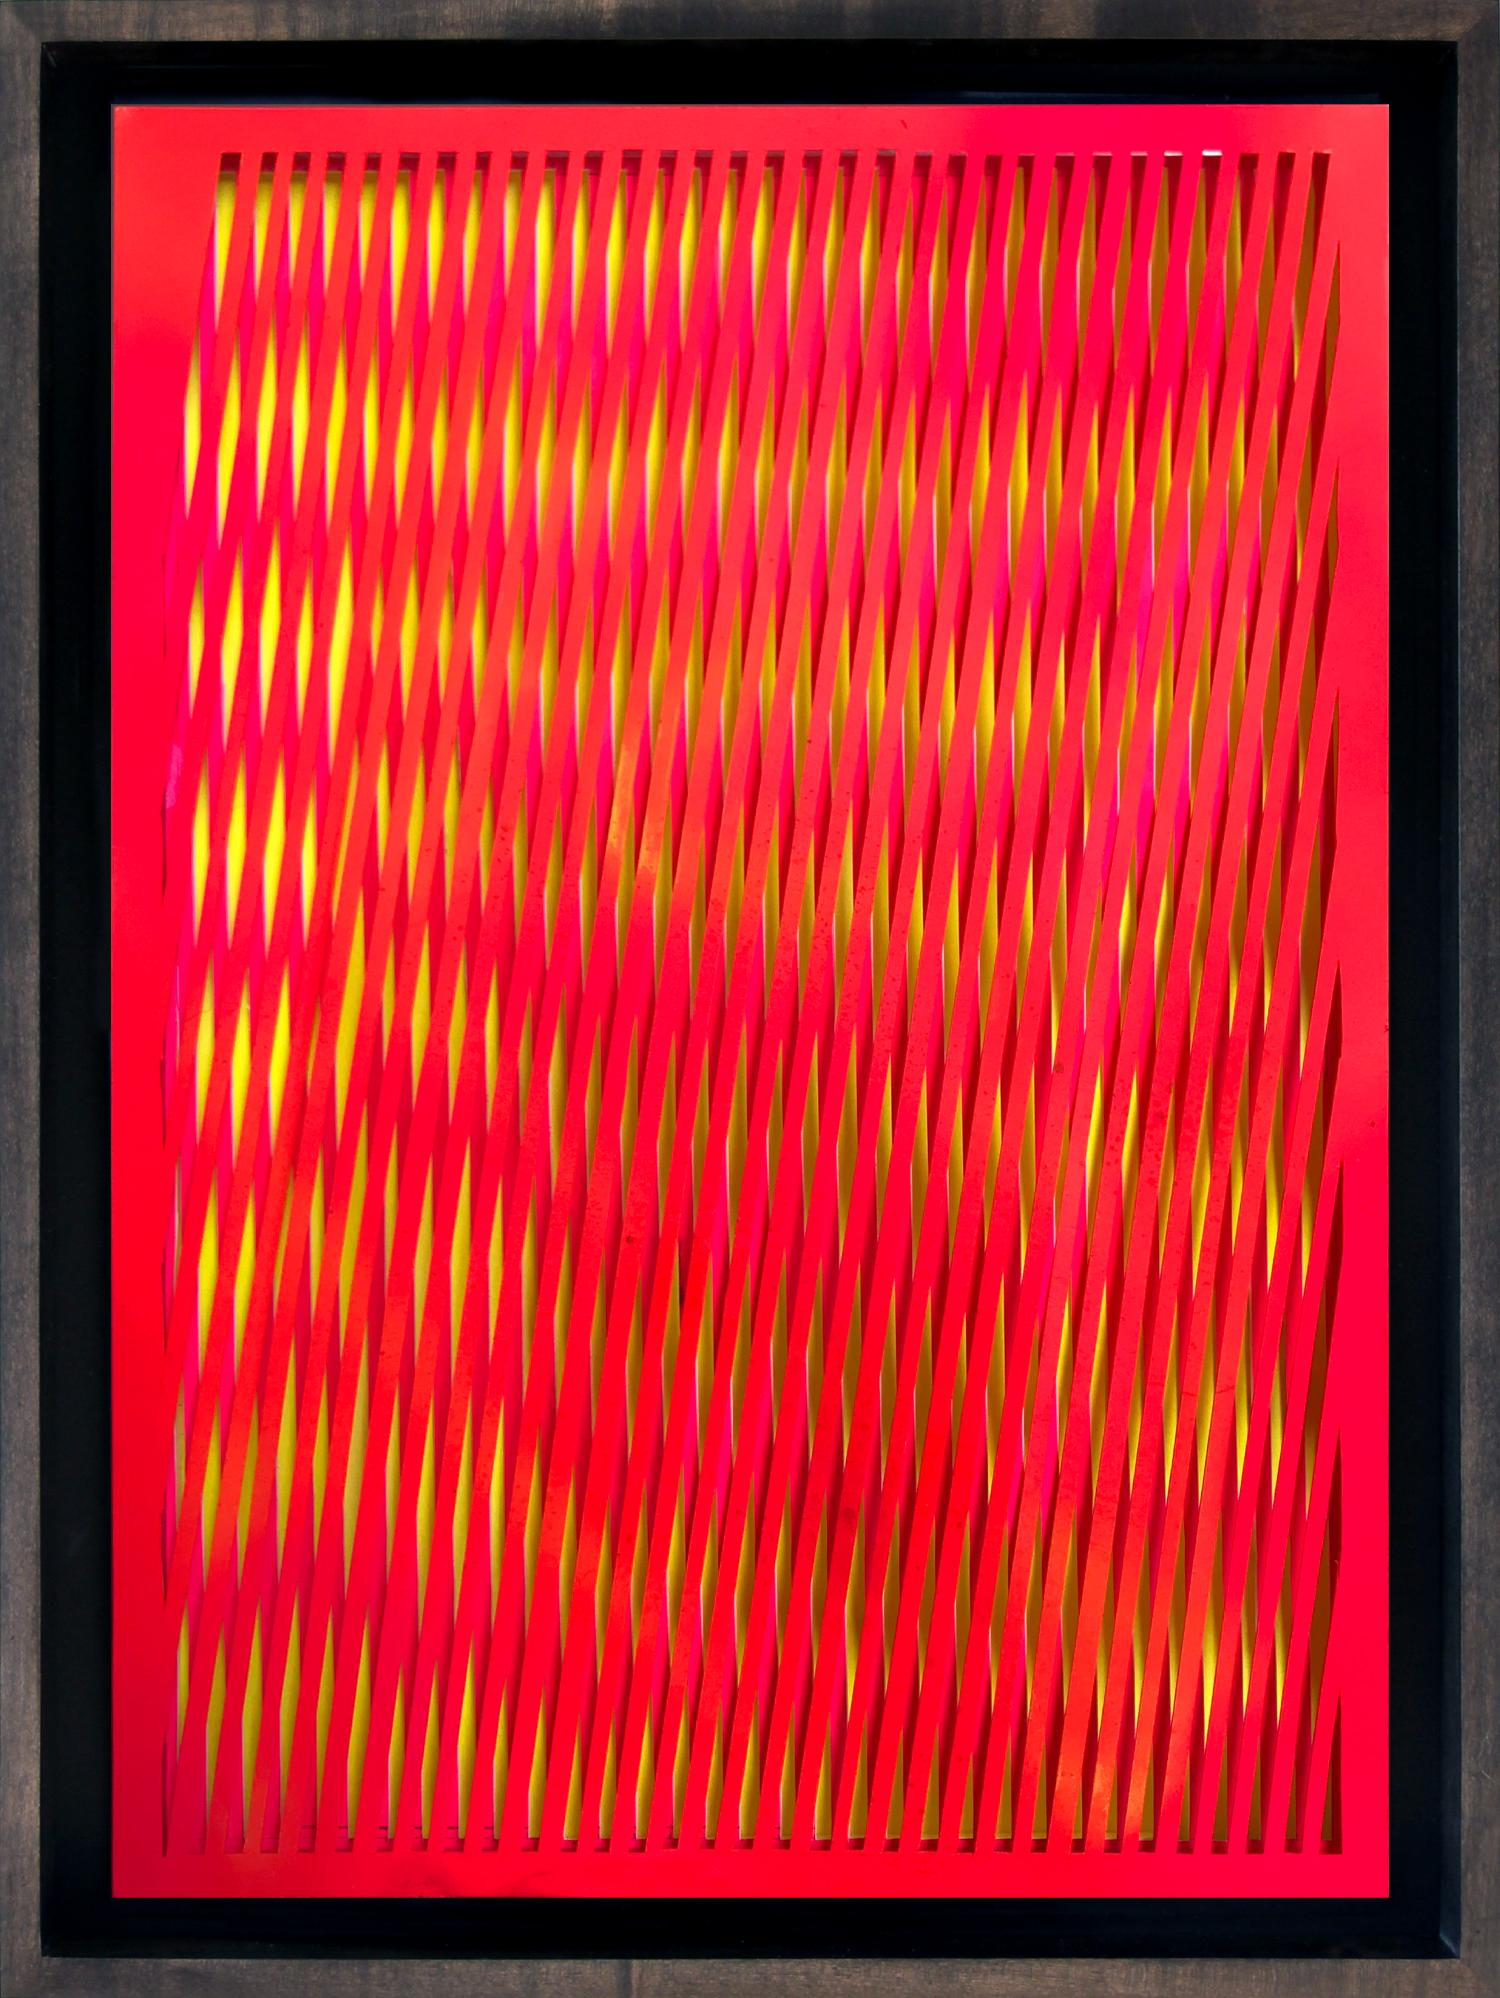 c1 | Scherenschnitt, PVC-Folie, Acryl | 42 x 29,5 cm | 2019